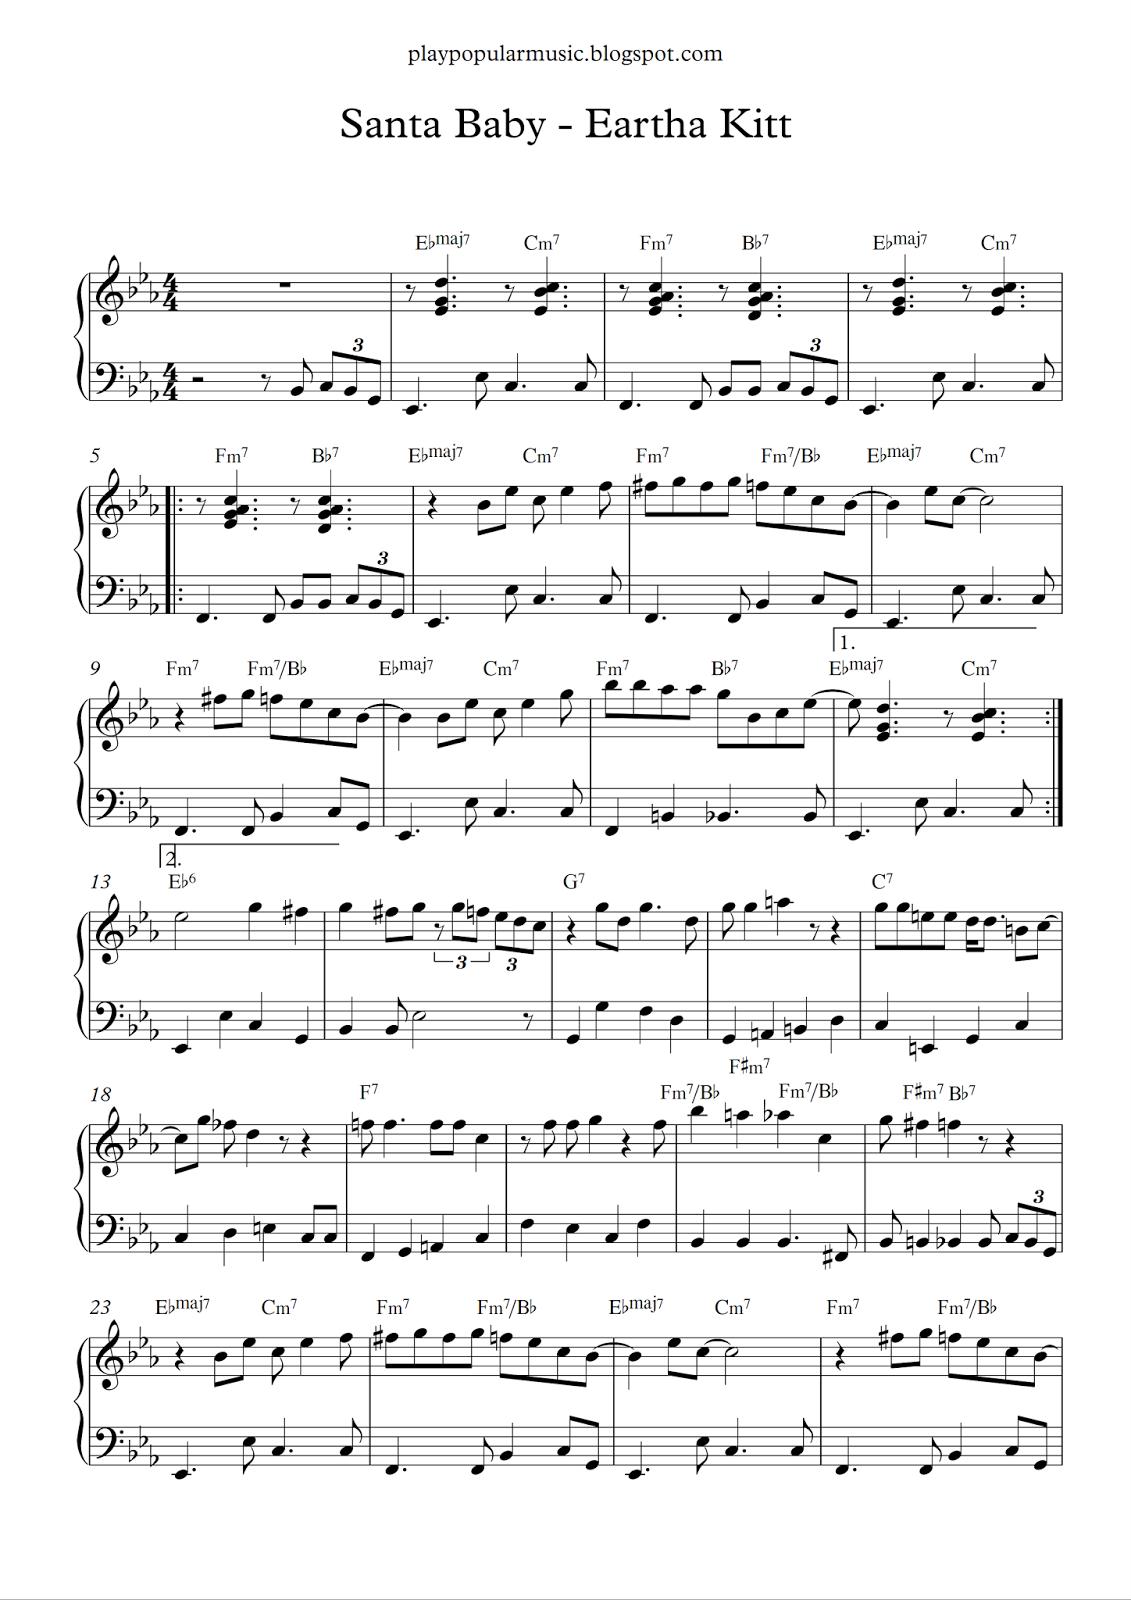 Free piano sheet music: Santa Baby - Eartha Kitt.pdf I'll wait up for you dear. Santa baby, so ...